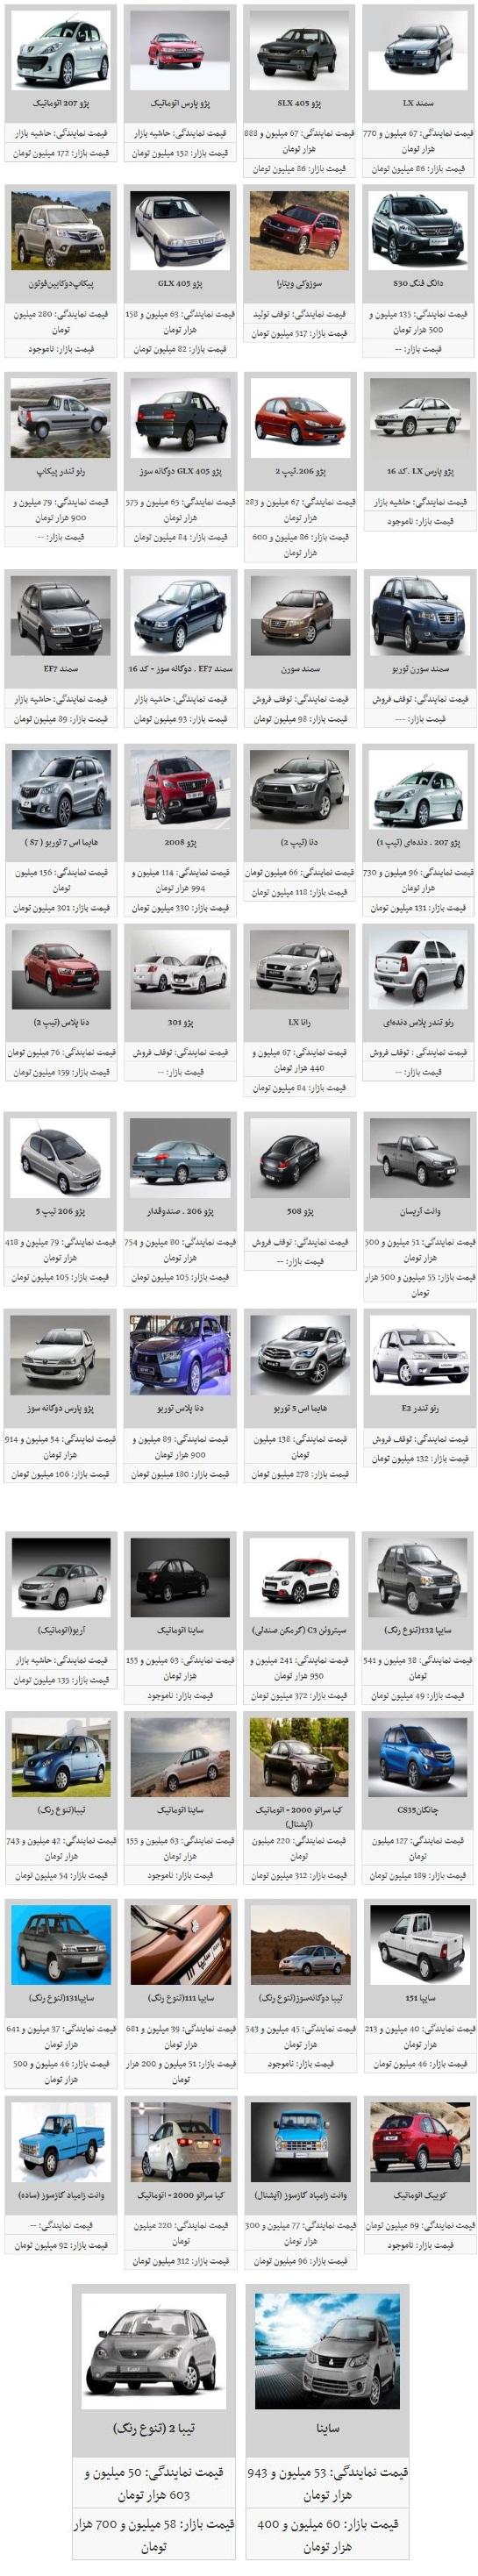 کاهش ۲ تا ۹ میلیون تومانی قیمت برخی خودروها در بازار